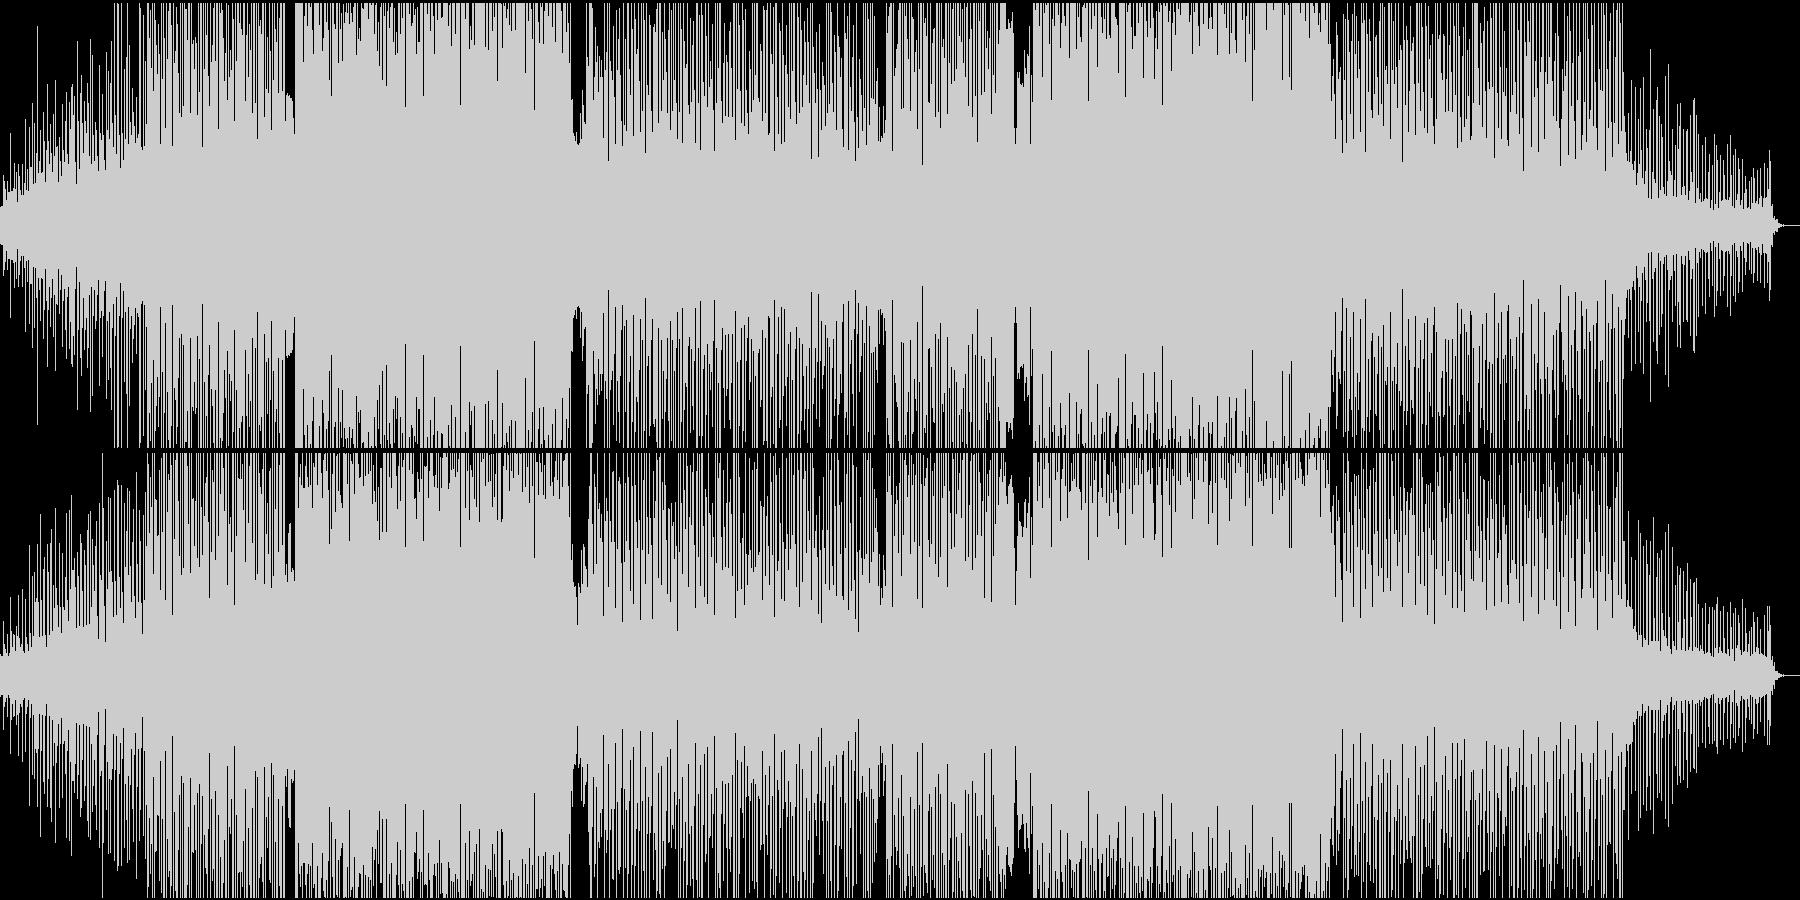 高揚感と明るさのあるファンキーなビートの未再生の波形